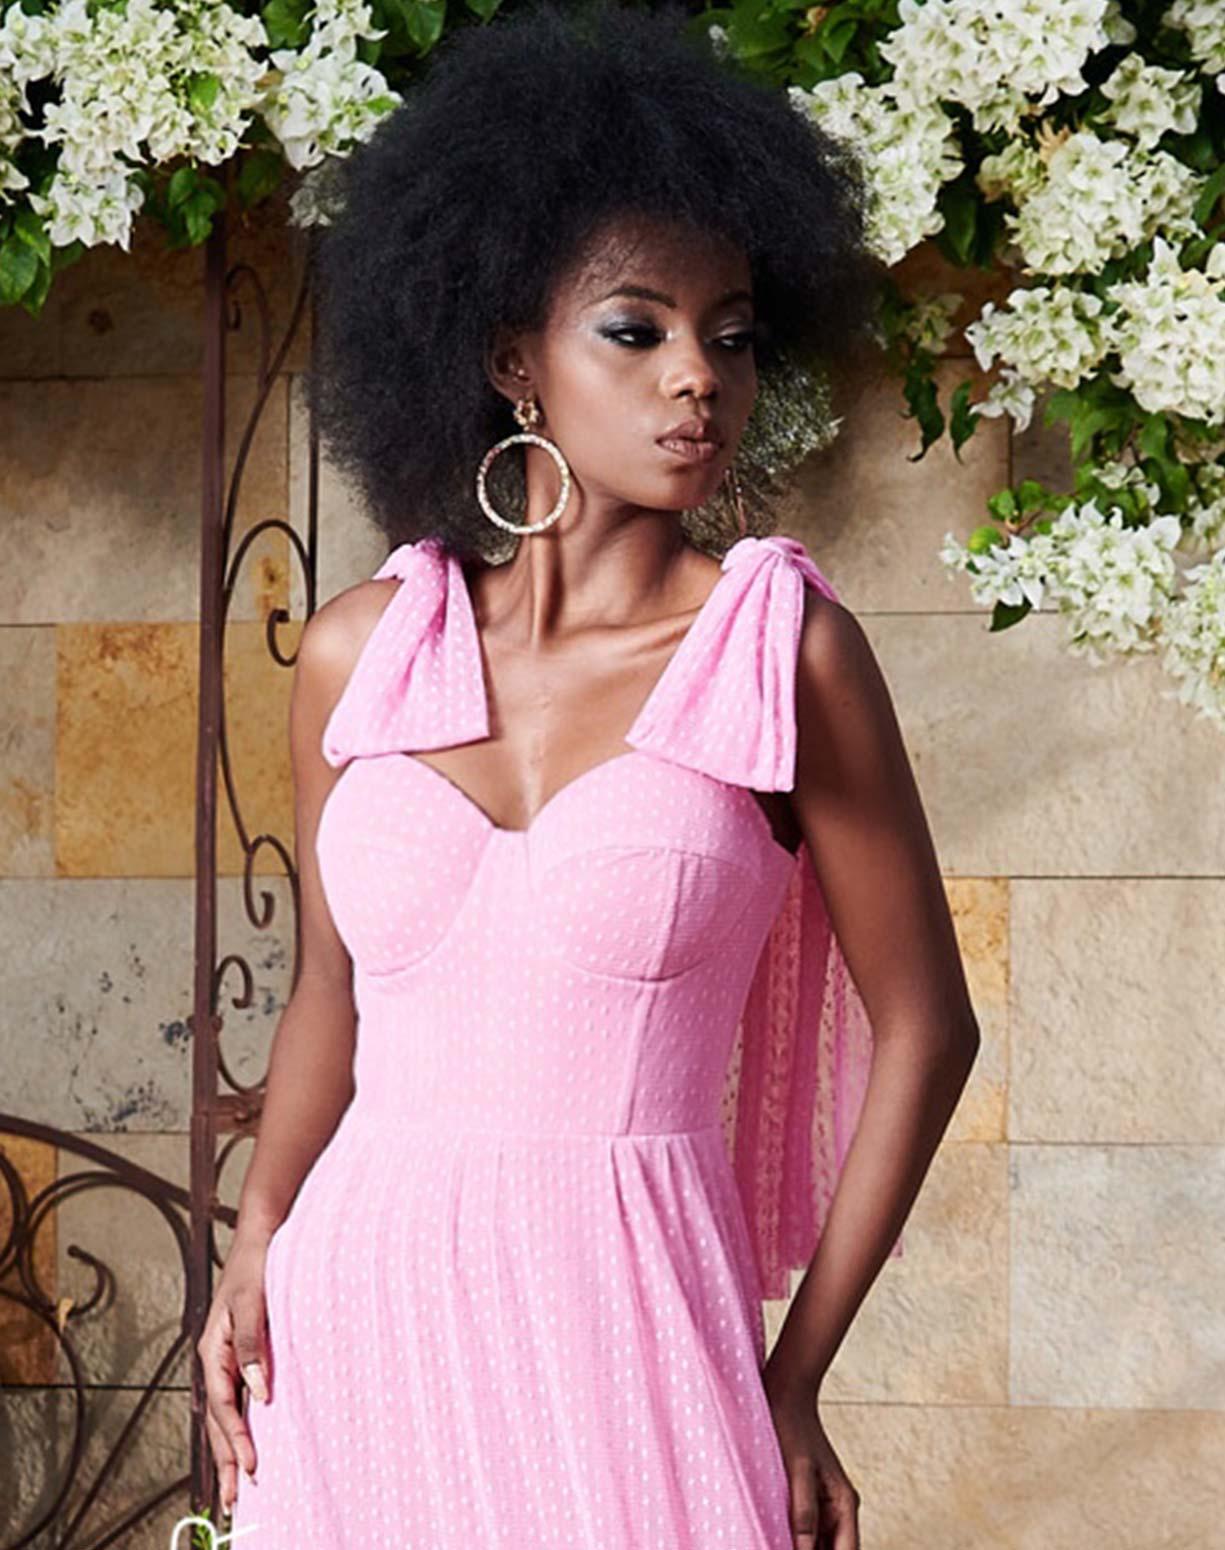 Vestido Rosa em Tule Texturizado Com Alça de Amarrar